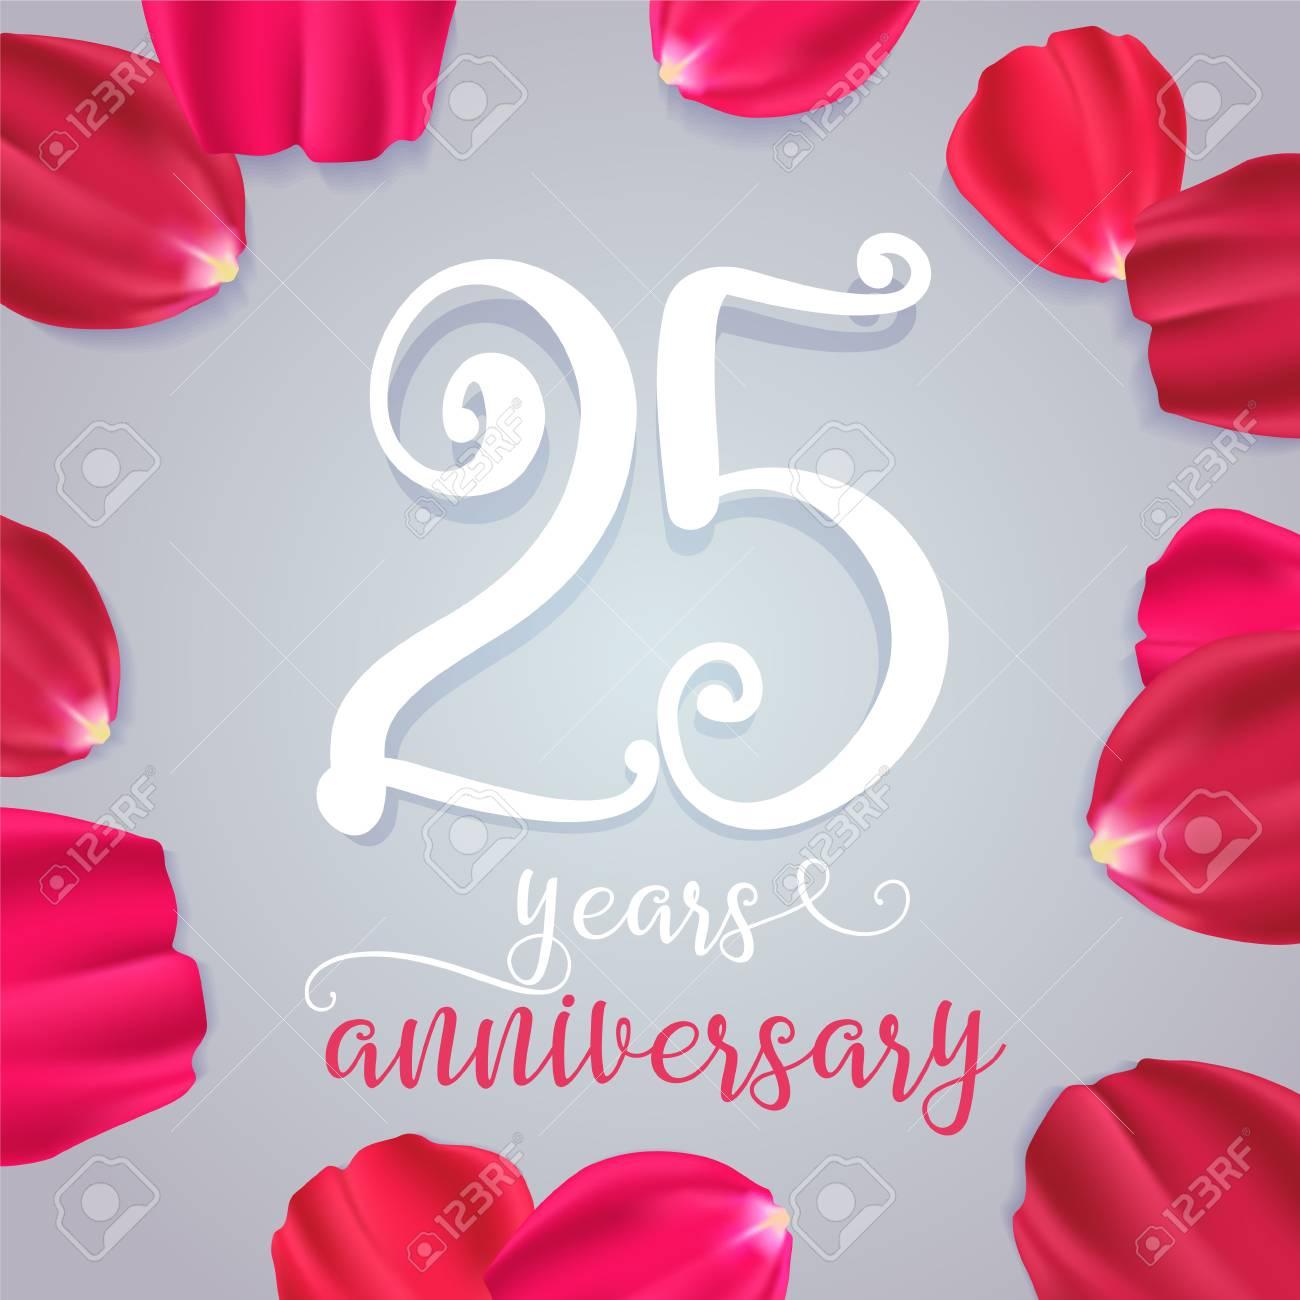 Xxv Anniversario Di Matrimonio.Icona Di Vettore Di 25 Anni Anniversario Logo Elemento Di Design Grafico Con Numeri Per Il 25 Compleanno O Biglietto Di Auguri Di Anniversario Di